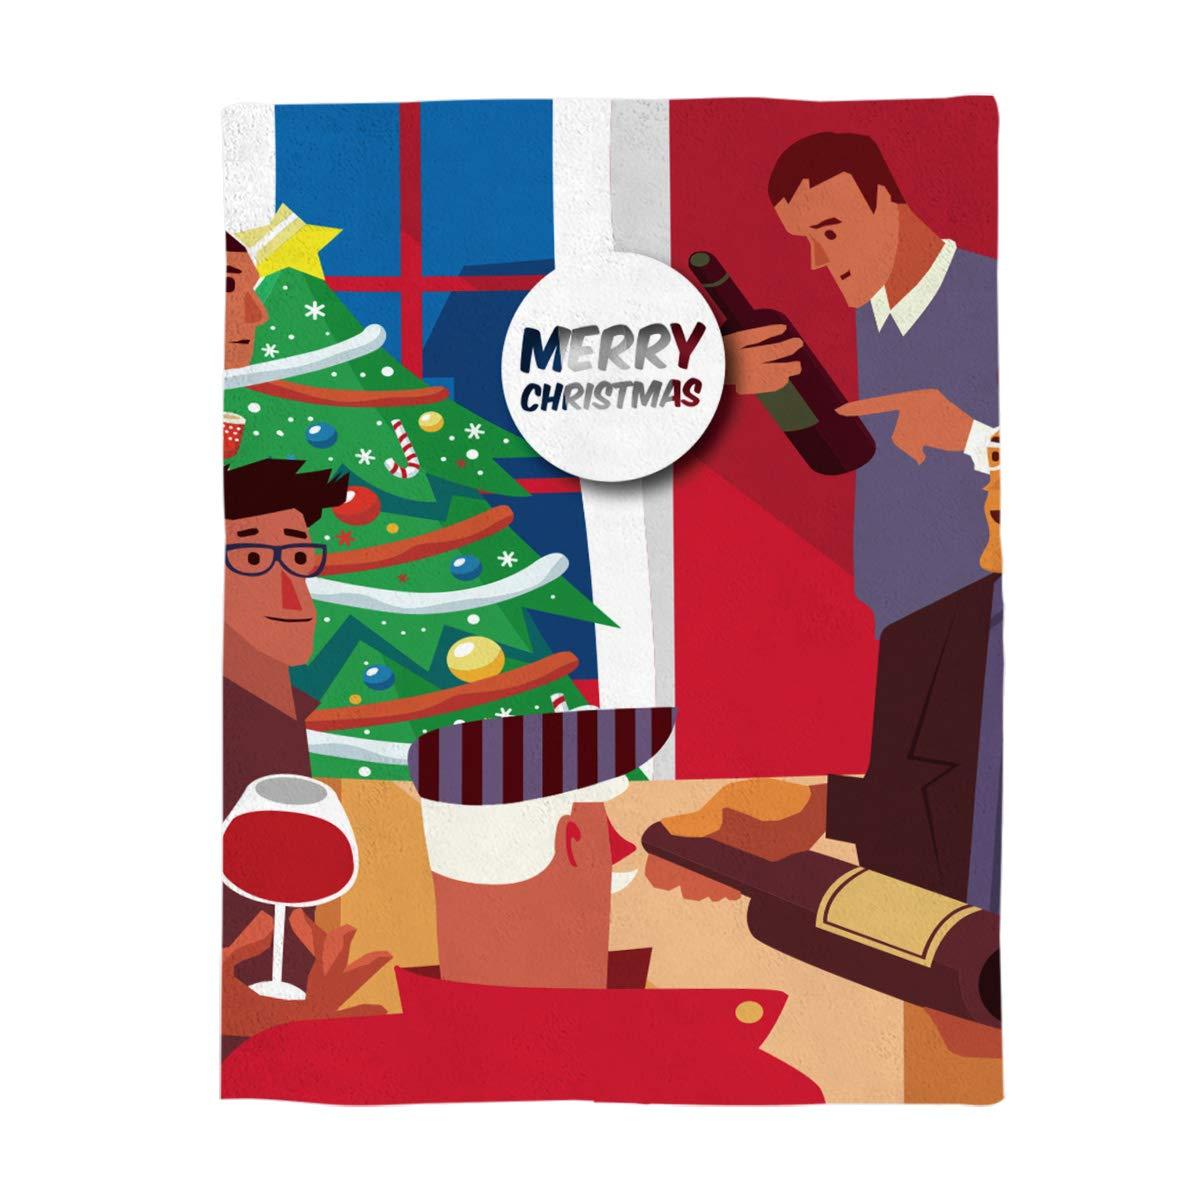 クイーンエリアファンタジークリスマススターボール雪山 ユニークなカスタムプリント両面フランネルフリースブランケット ベッドソファスロー用ソフト寝具 49*79in=125*200cm gml181108-queen-001SWTQ00343MTBCQAA B07K9XBN3V Christmaspartyqaa7698 49*79in=125*200cm